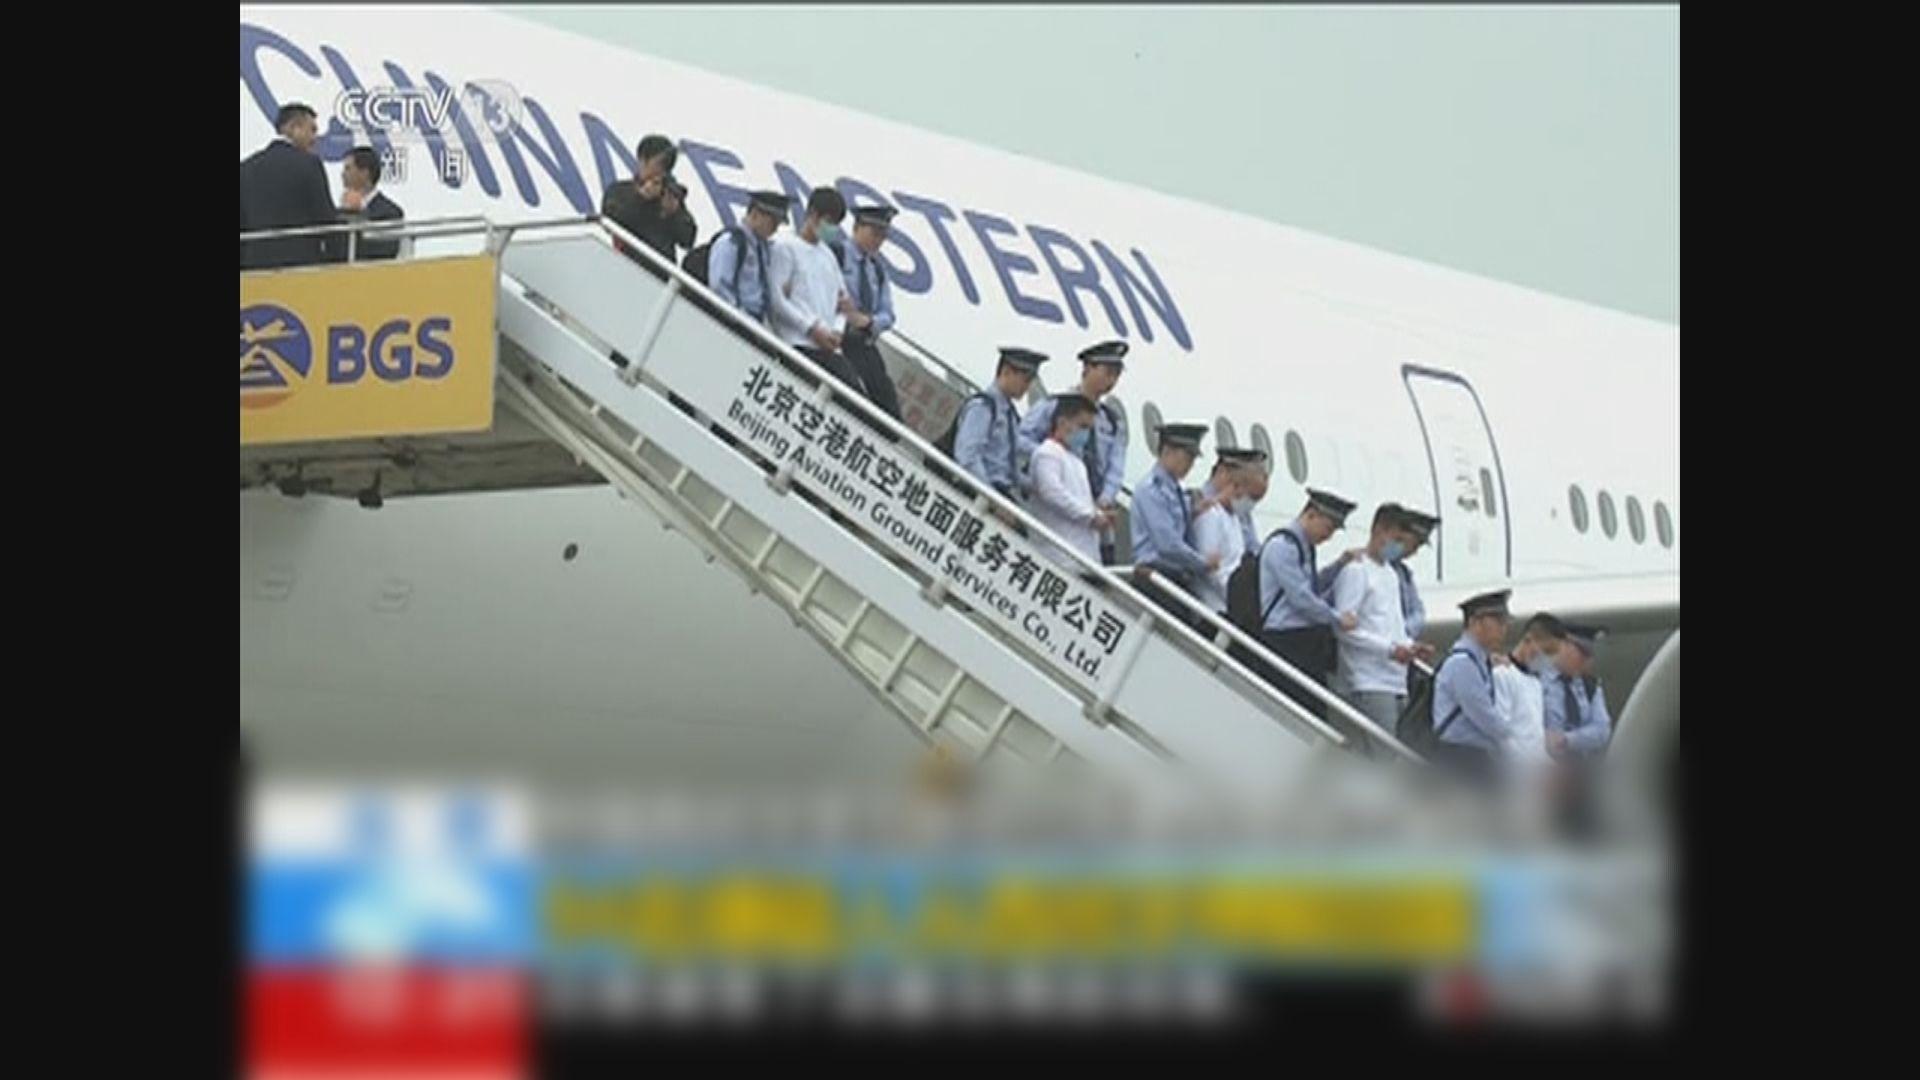 西班牙遣送台灣疑犯到大陸 首次從歐洲大規模引渡